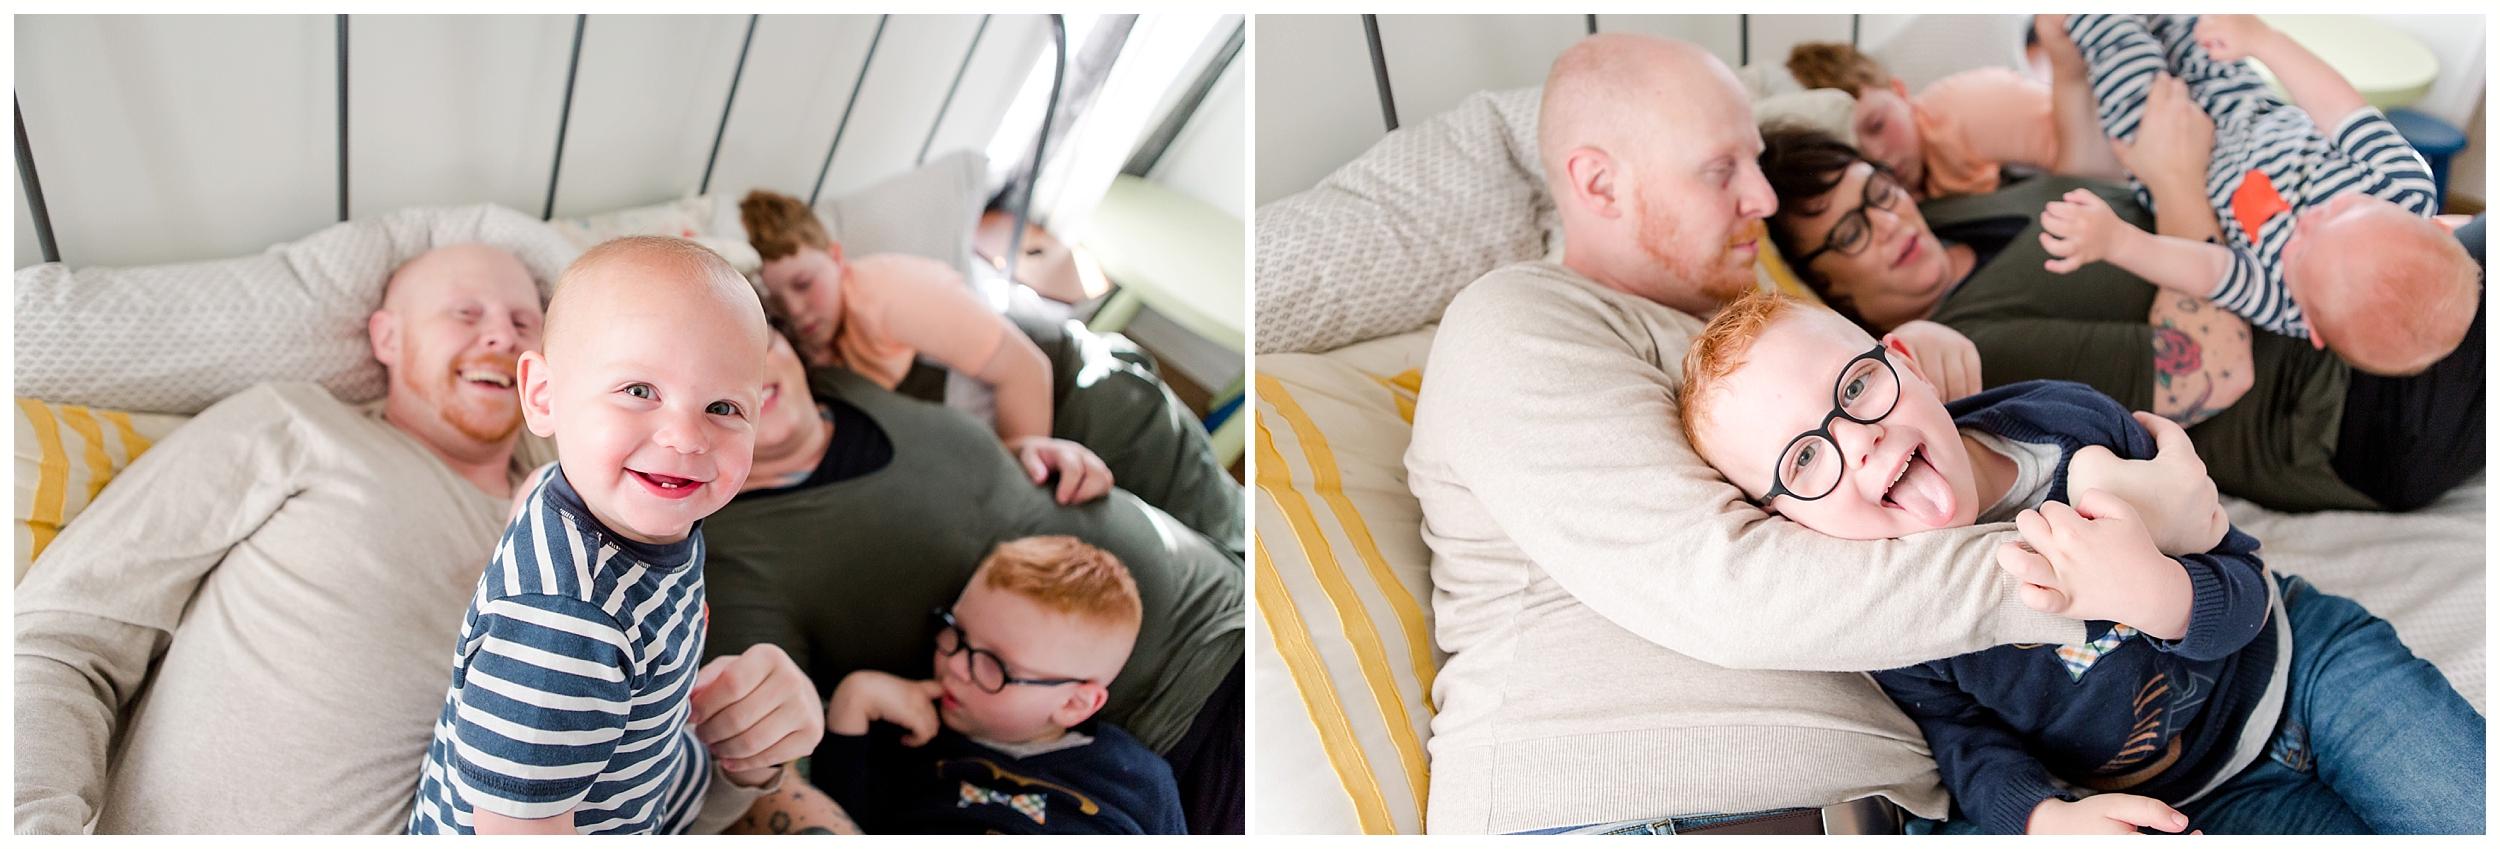 lexington-ky-family-lifestyle-photos-by-priscilla-baierlein_0151.jpg